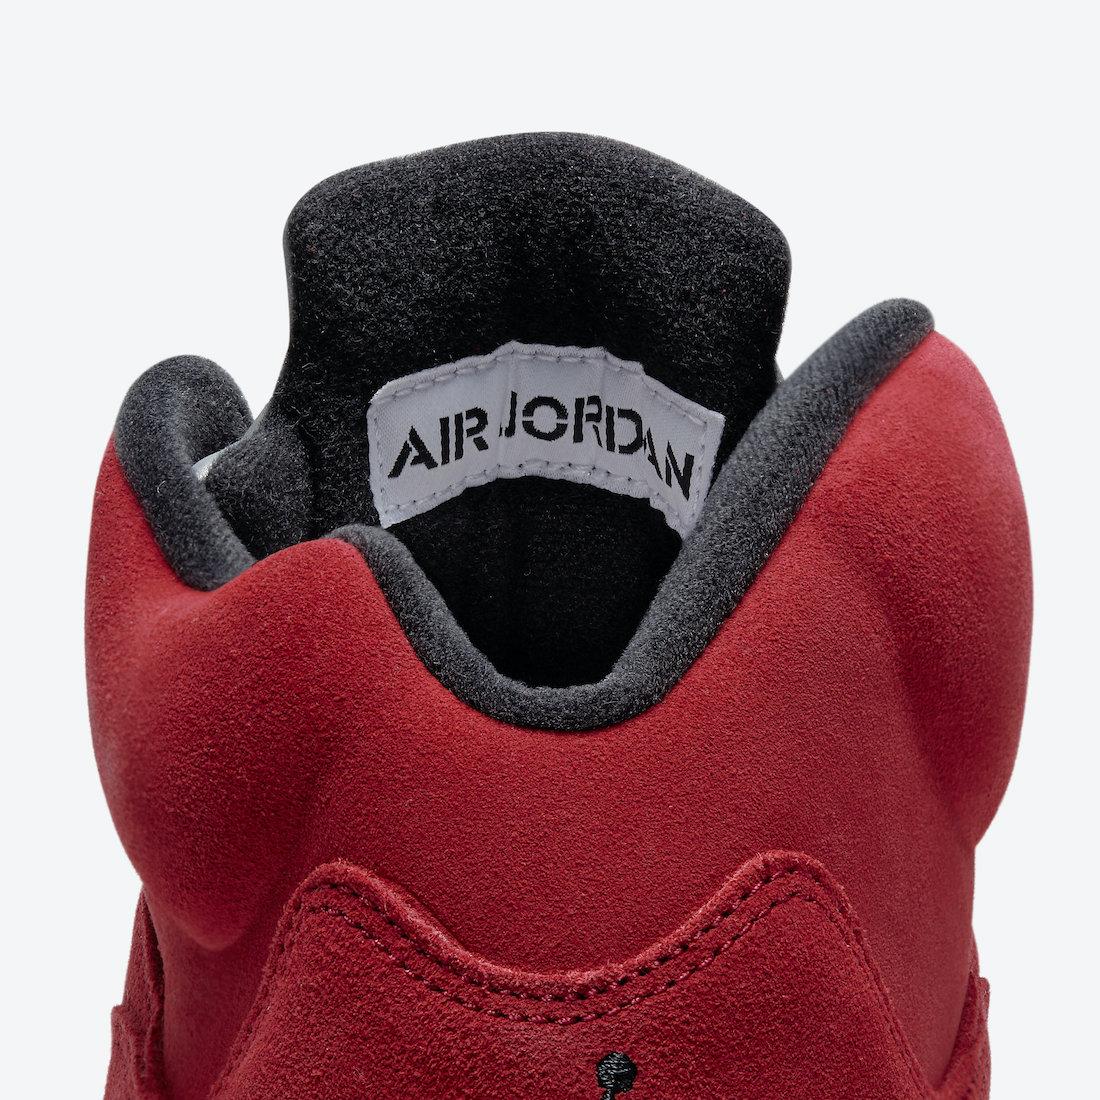 Air-Jordan-5-Raging-Bulls-DD0587-600-Release-Date-9